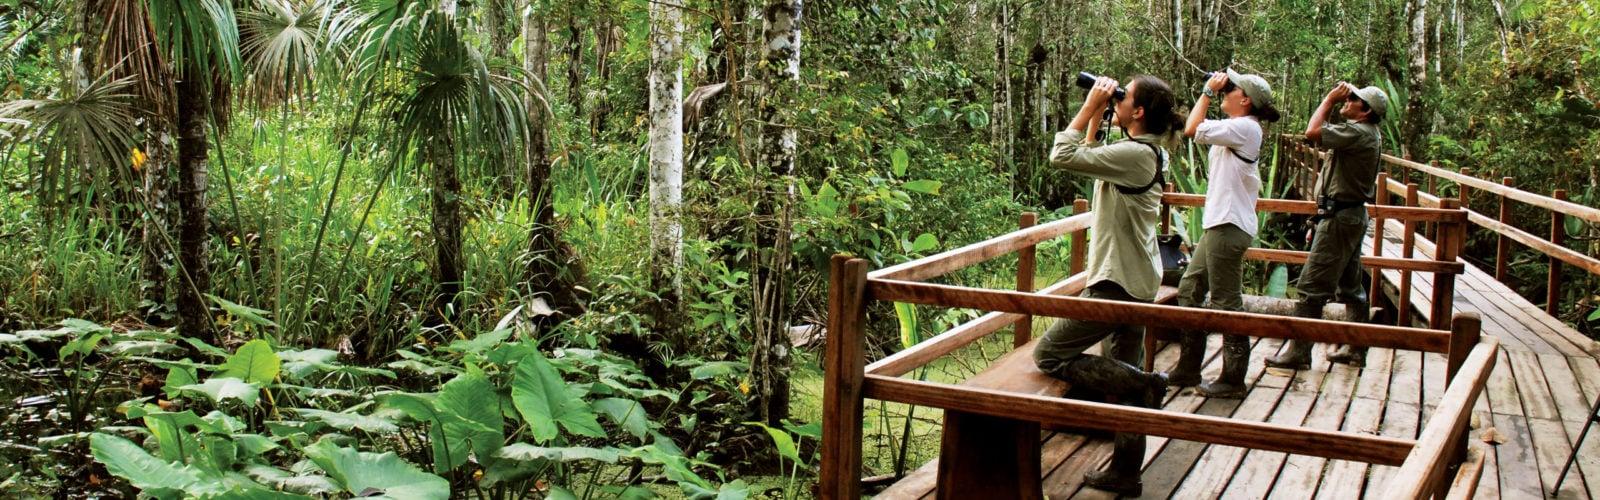 hacienda-concepcion-amazon-peru